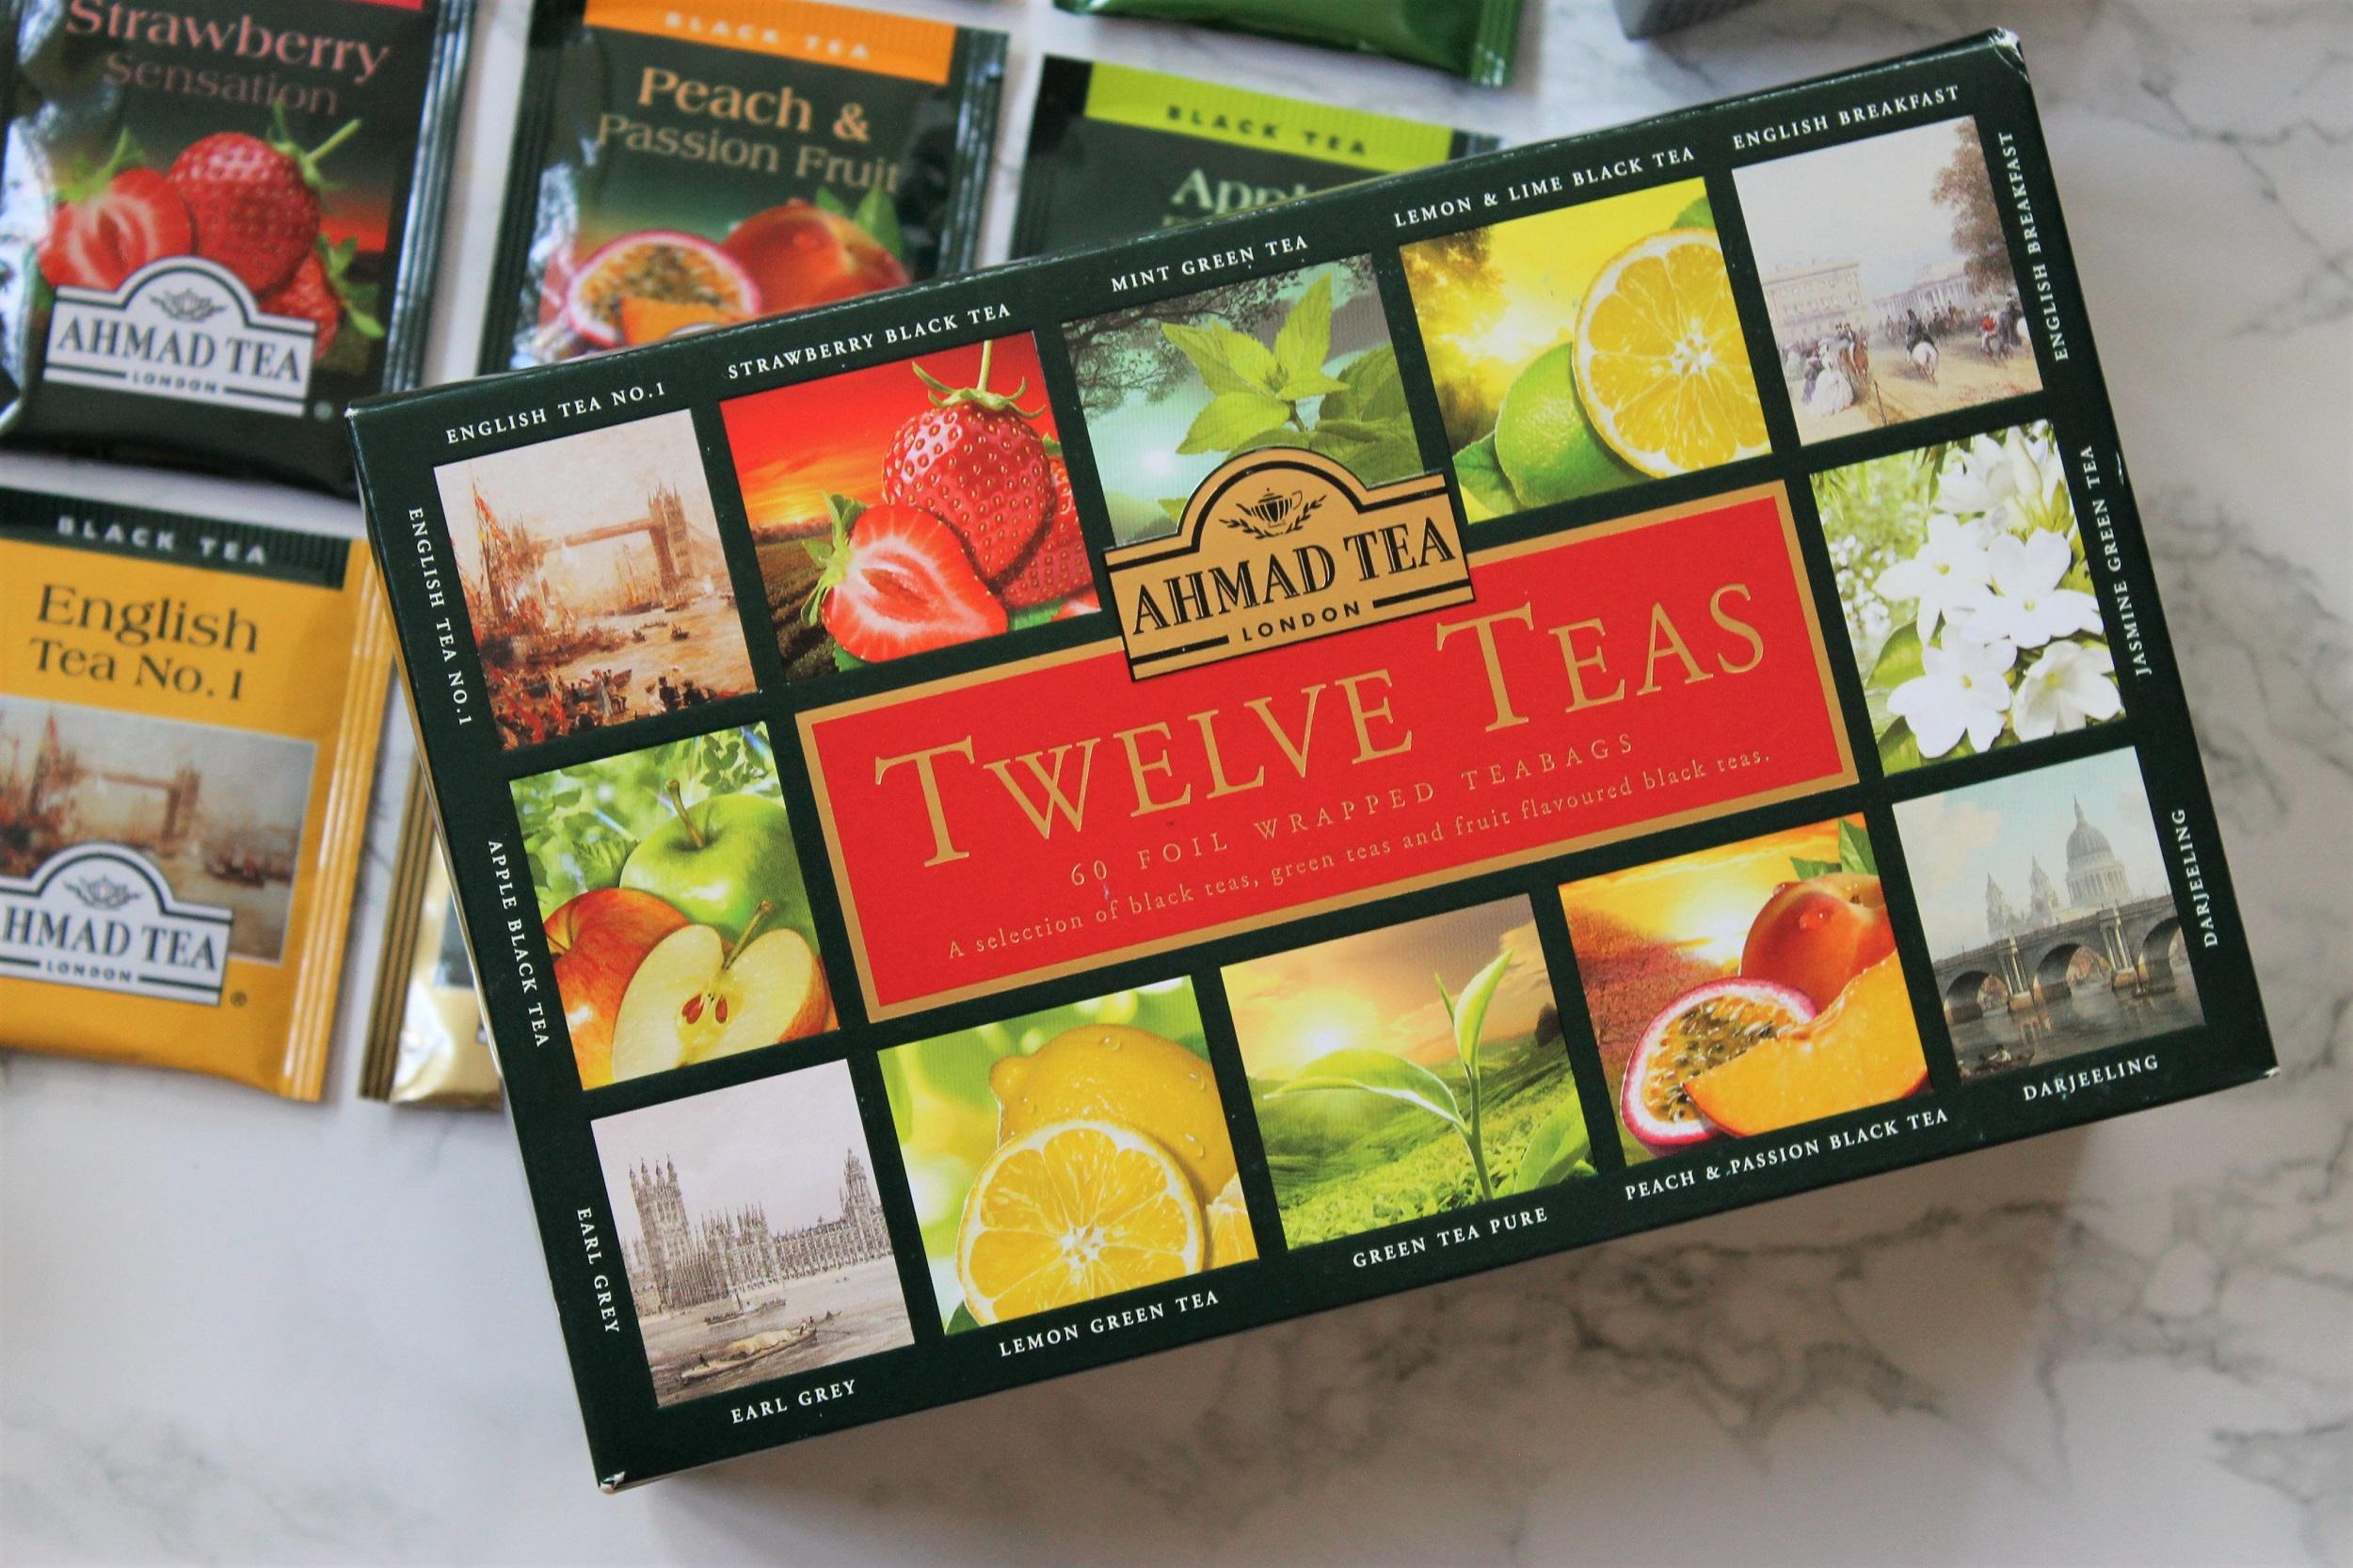 ahmad tea london twelve teas gift box